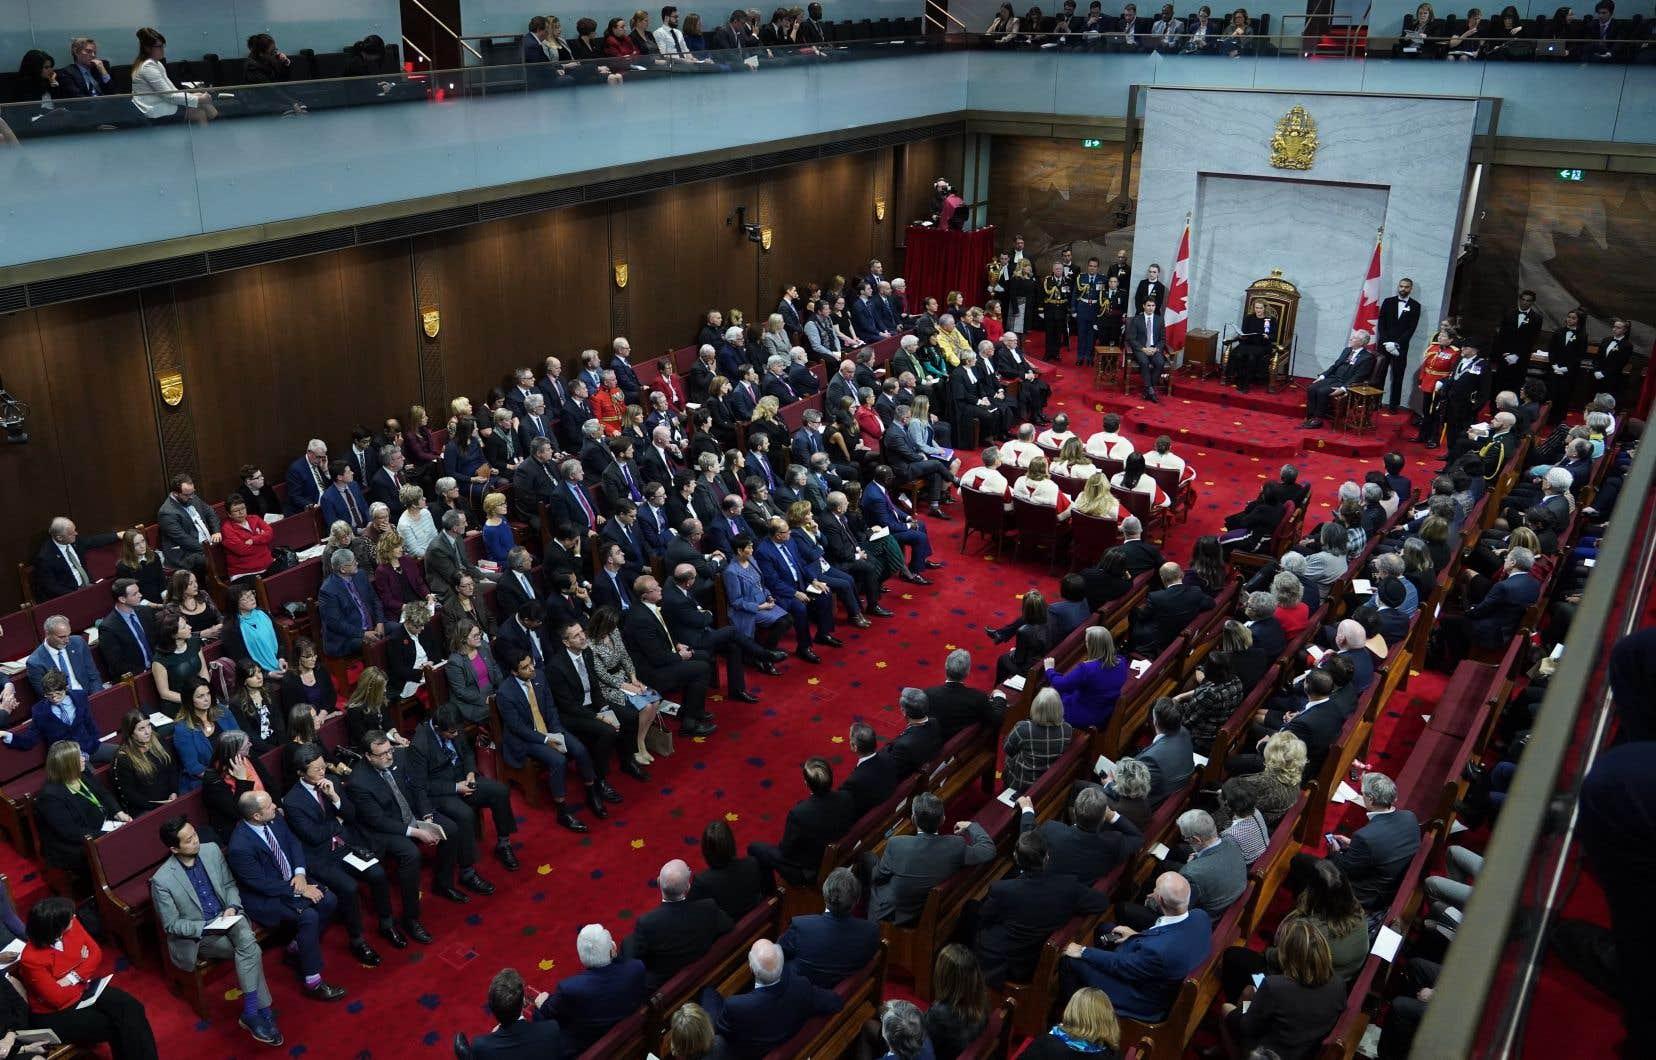 La majorité des sénateurs s'affichent maintenant comme indépendants.